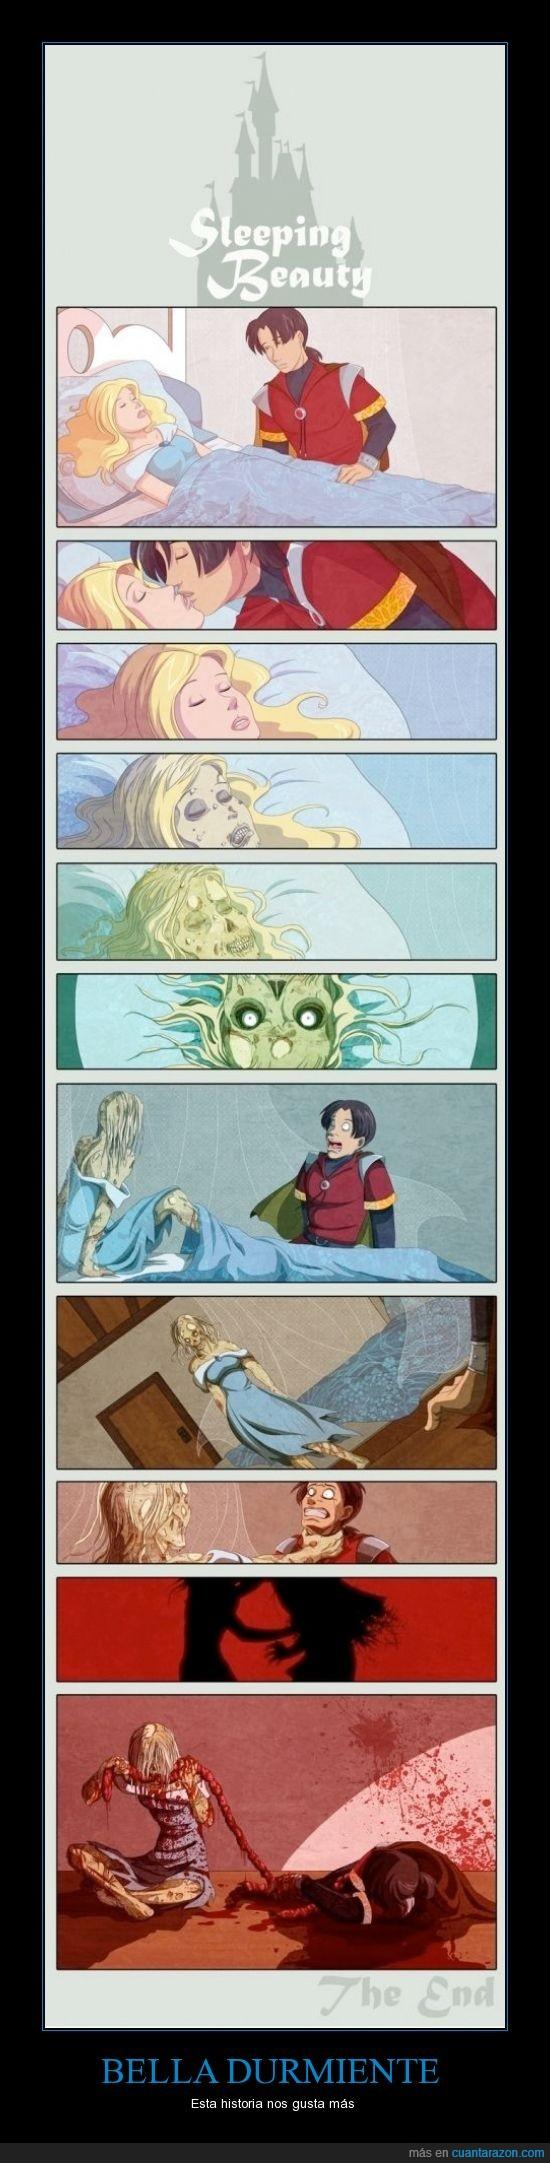 bella,disney,durmiente,zombi